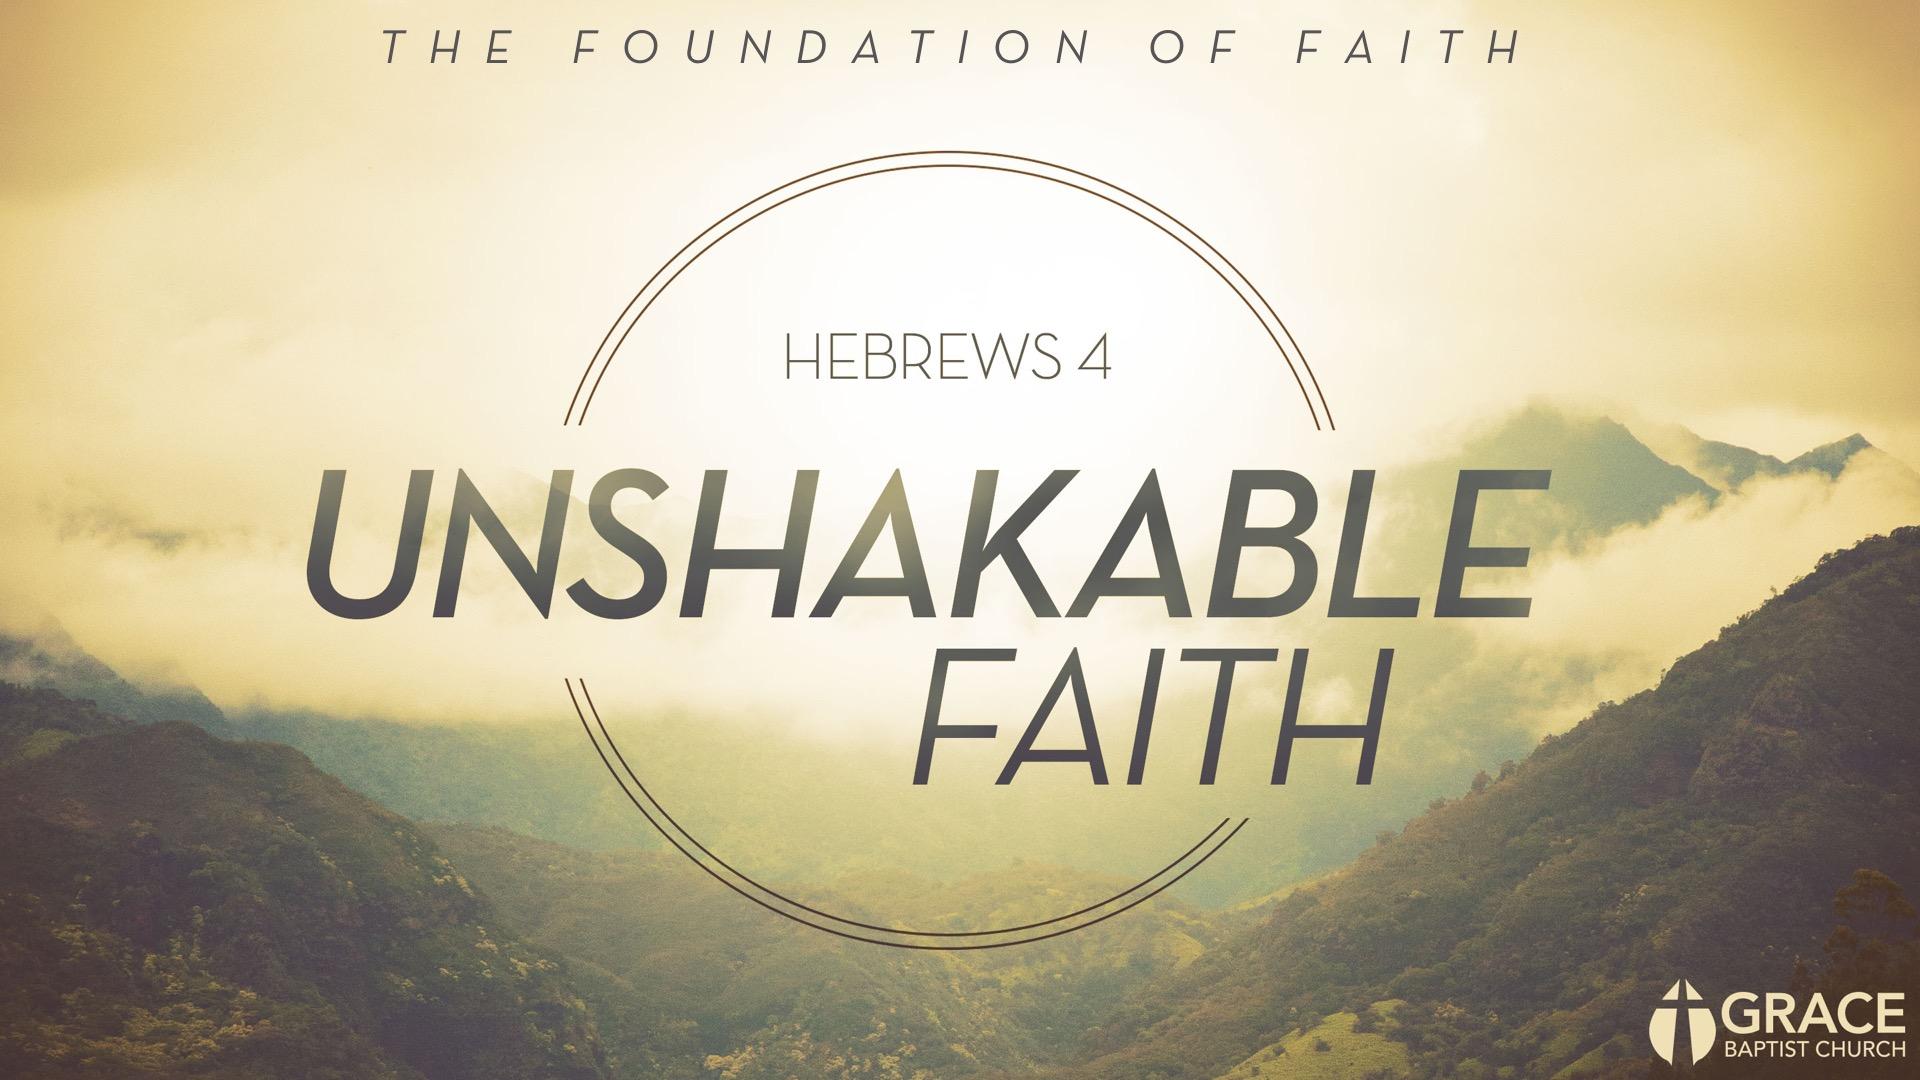 1 The Foundation of Faith.jpg